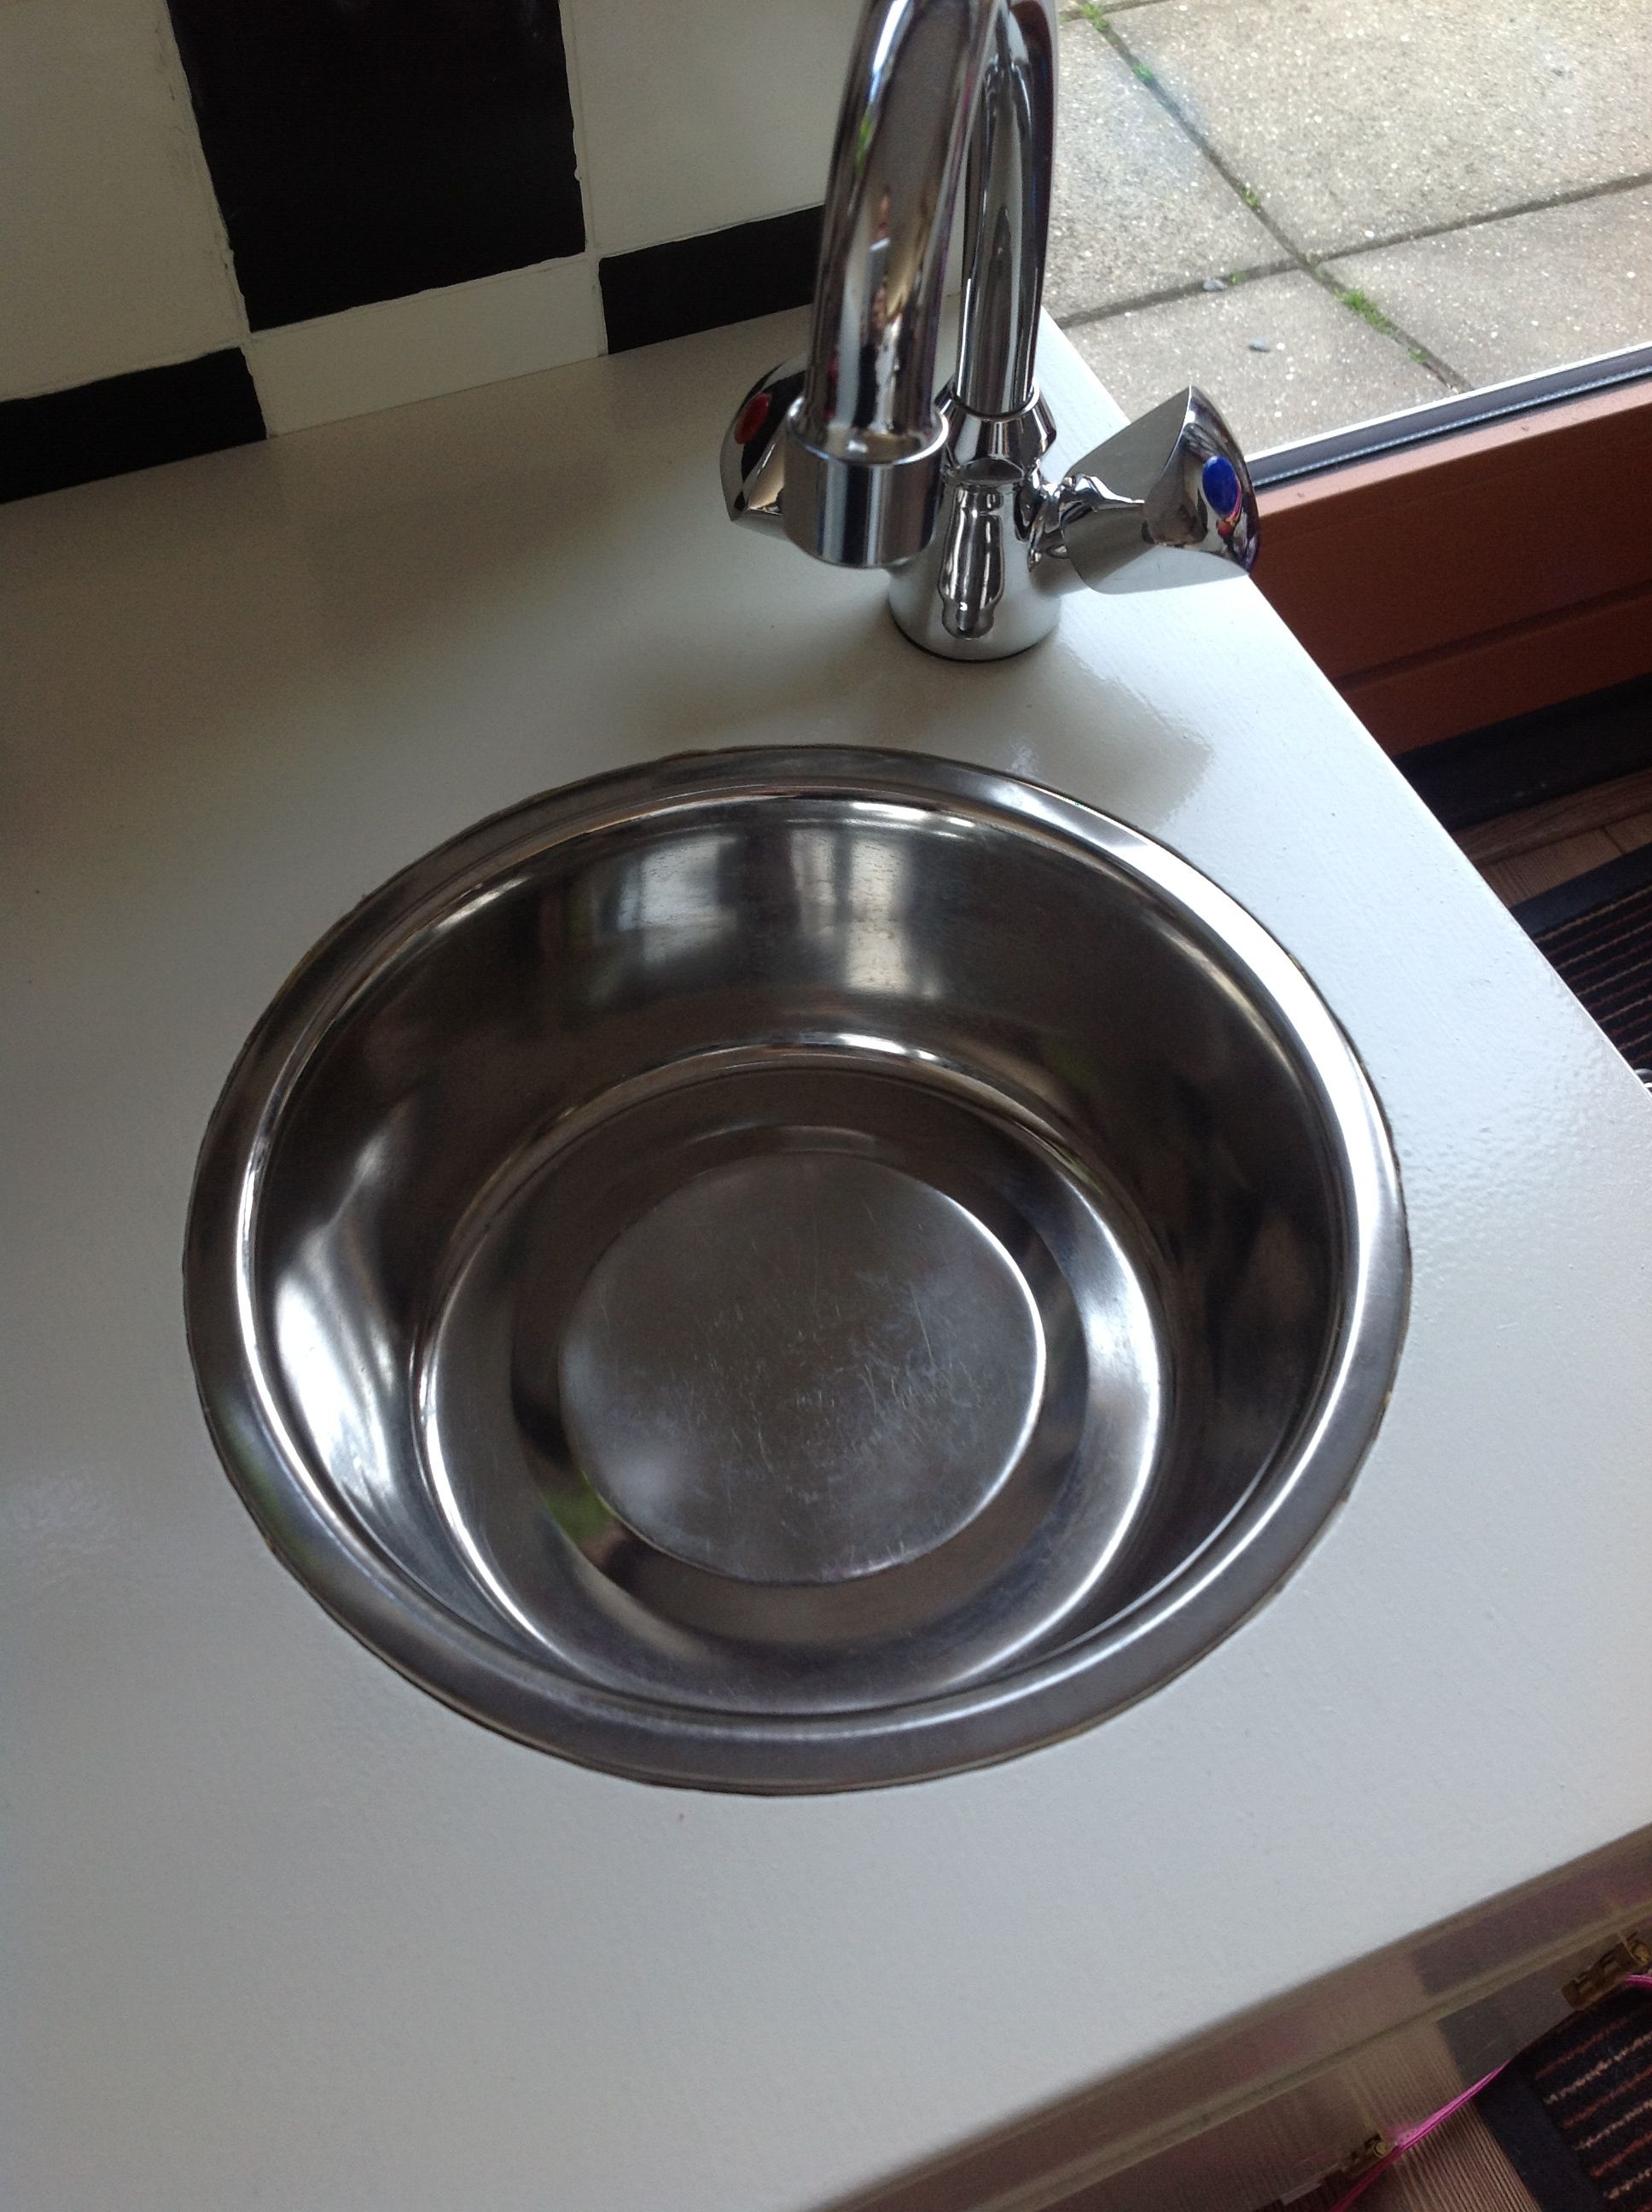 Wasbak In Een Keukentje Grote Honden Drinkbak Zo Blijven De Kosten Laag En T Resultaat Is Prachtig Zelf Speelgoed Maken